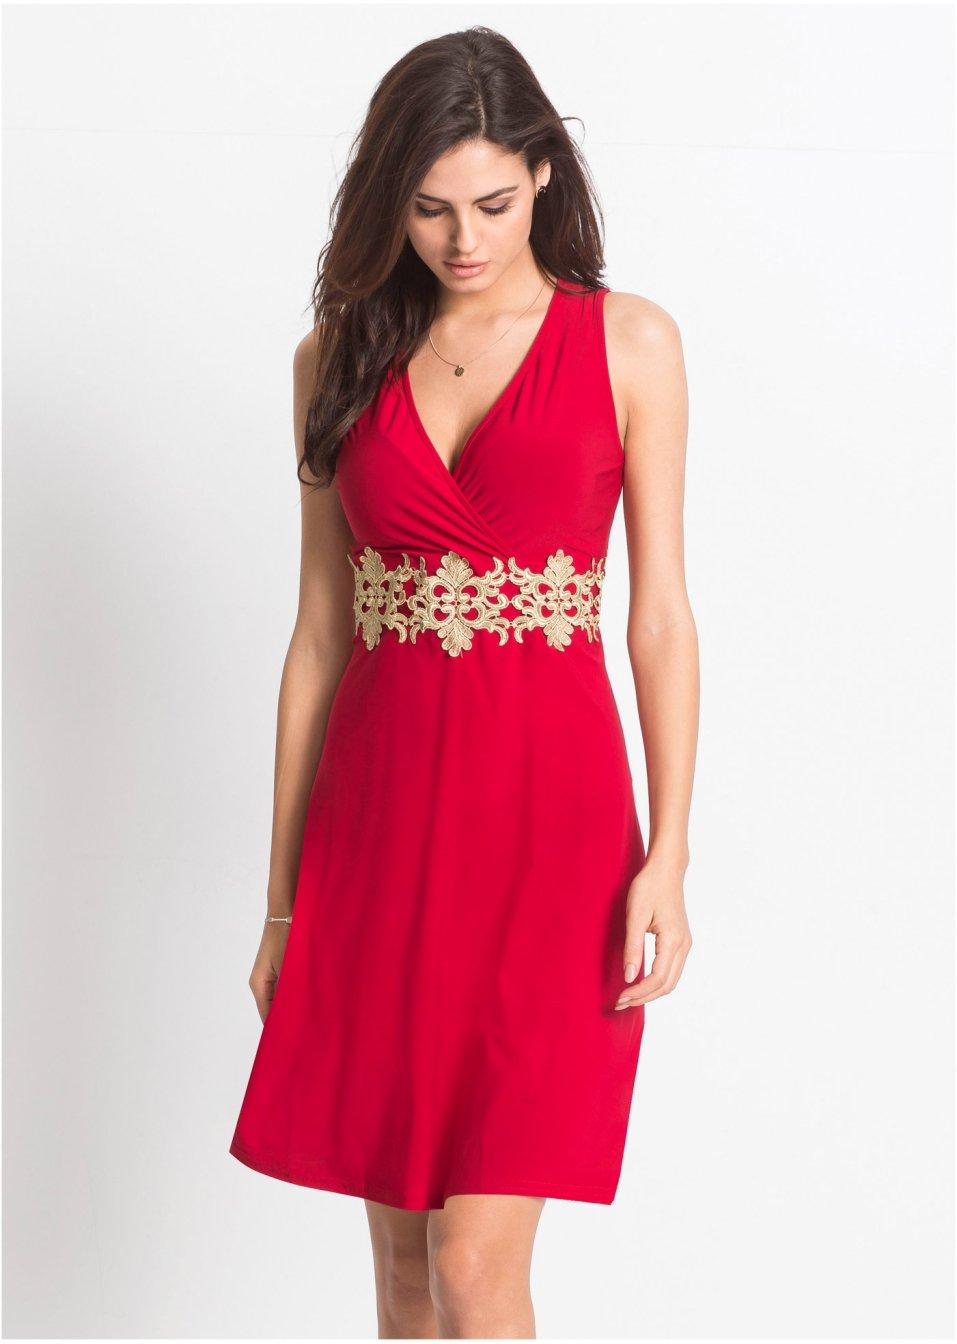 Sehr feminines Kleid mit kontrastfarbiger Spitze - rot